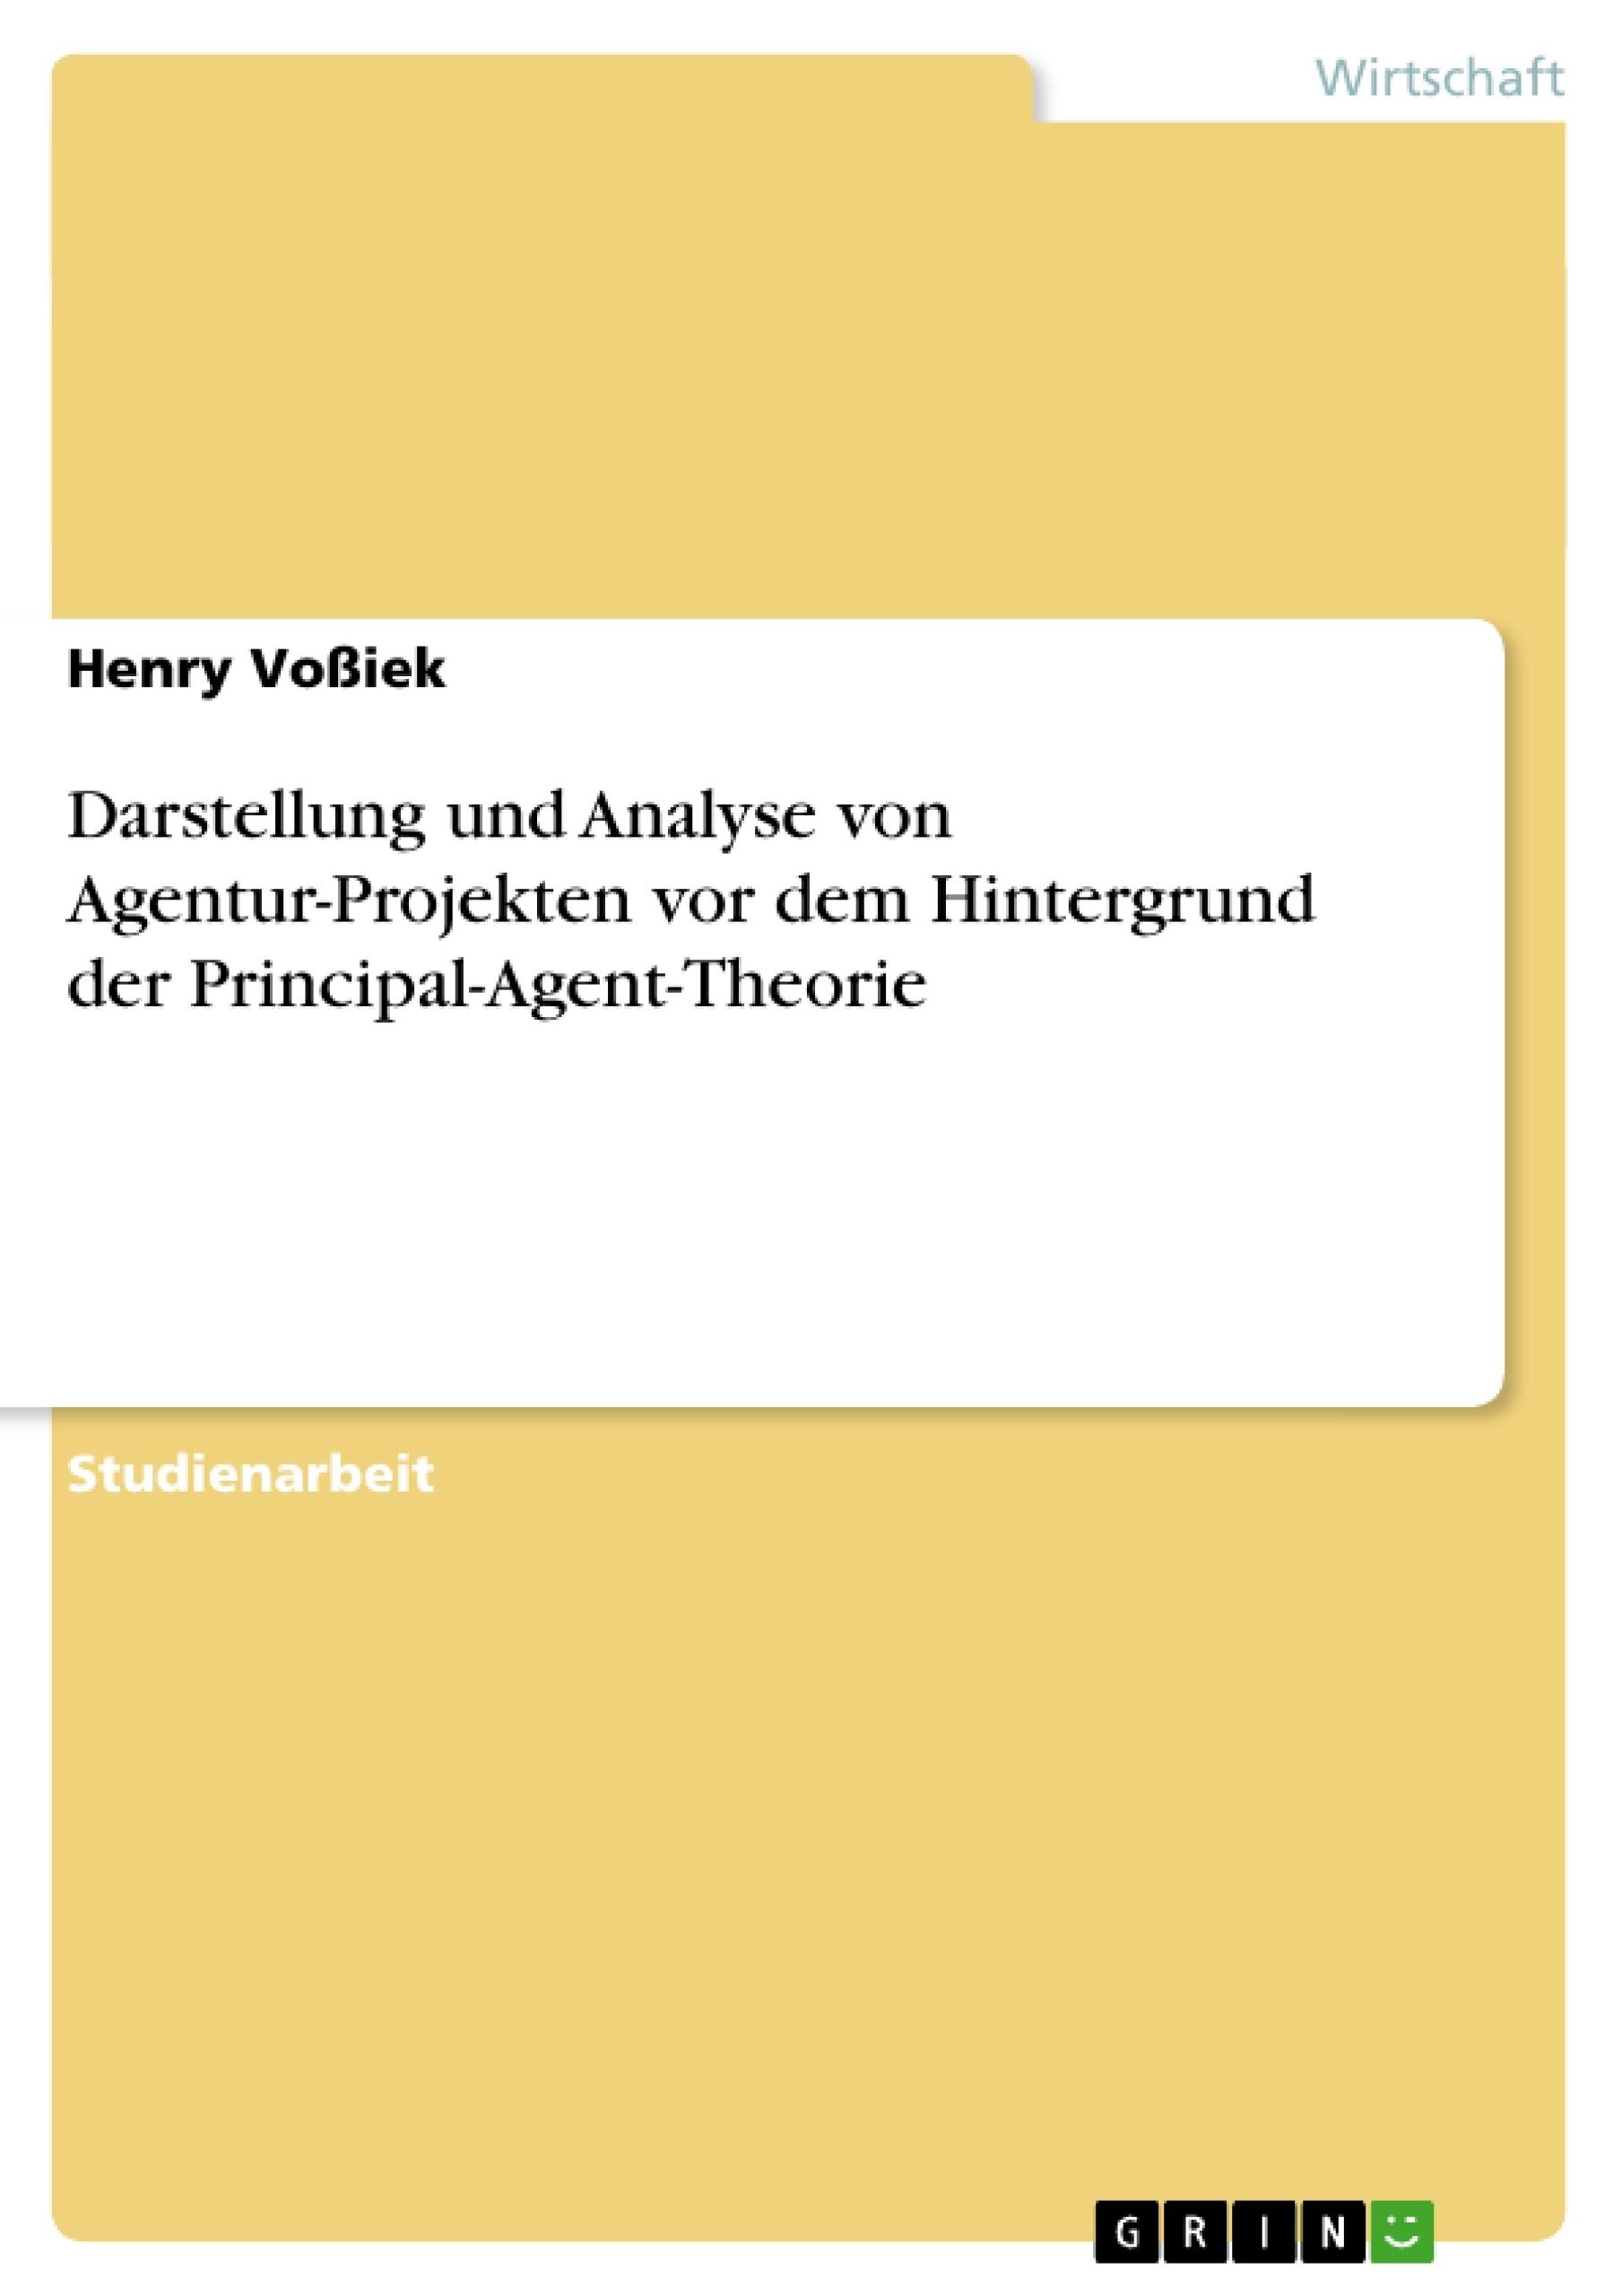 Titel: Darstellung und Analyse von Agentur-Projekten vor dem Hintergrund der Principal-Agent-Theorie